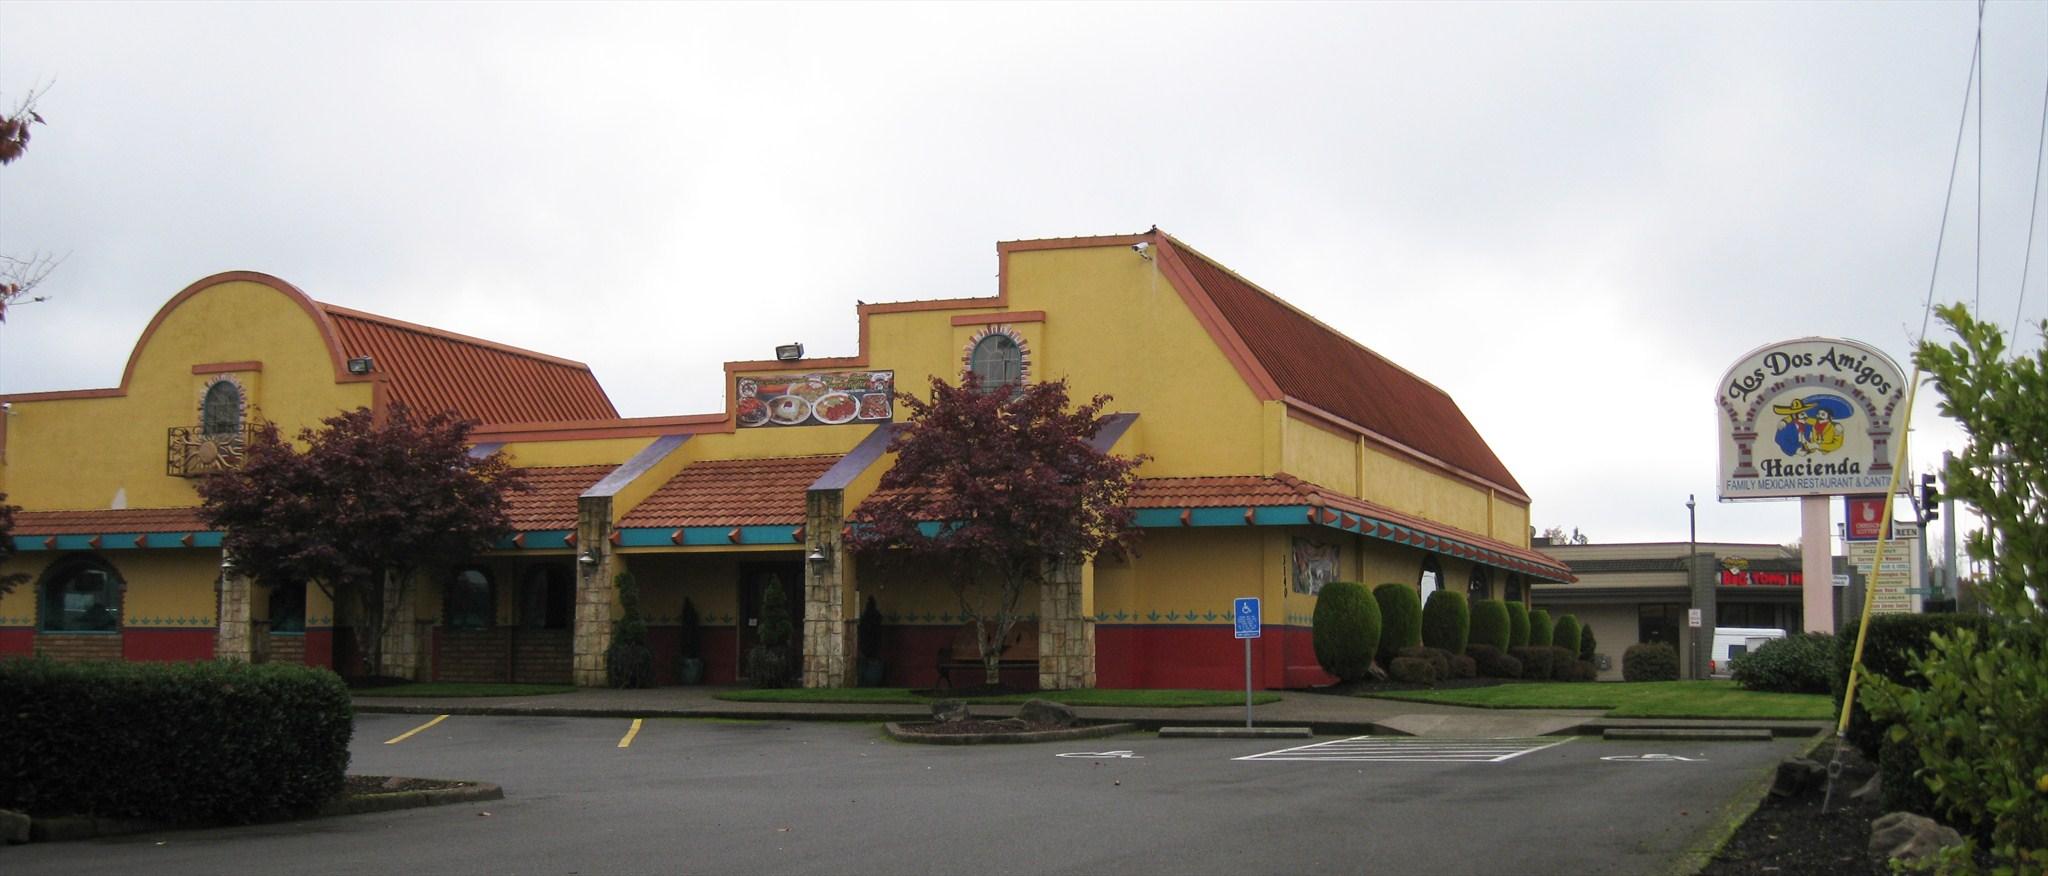 Mexican Restaurants Lamcastrr Oregon